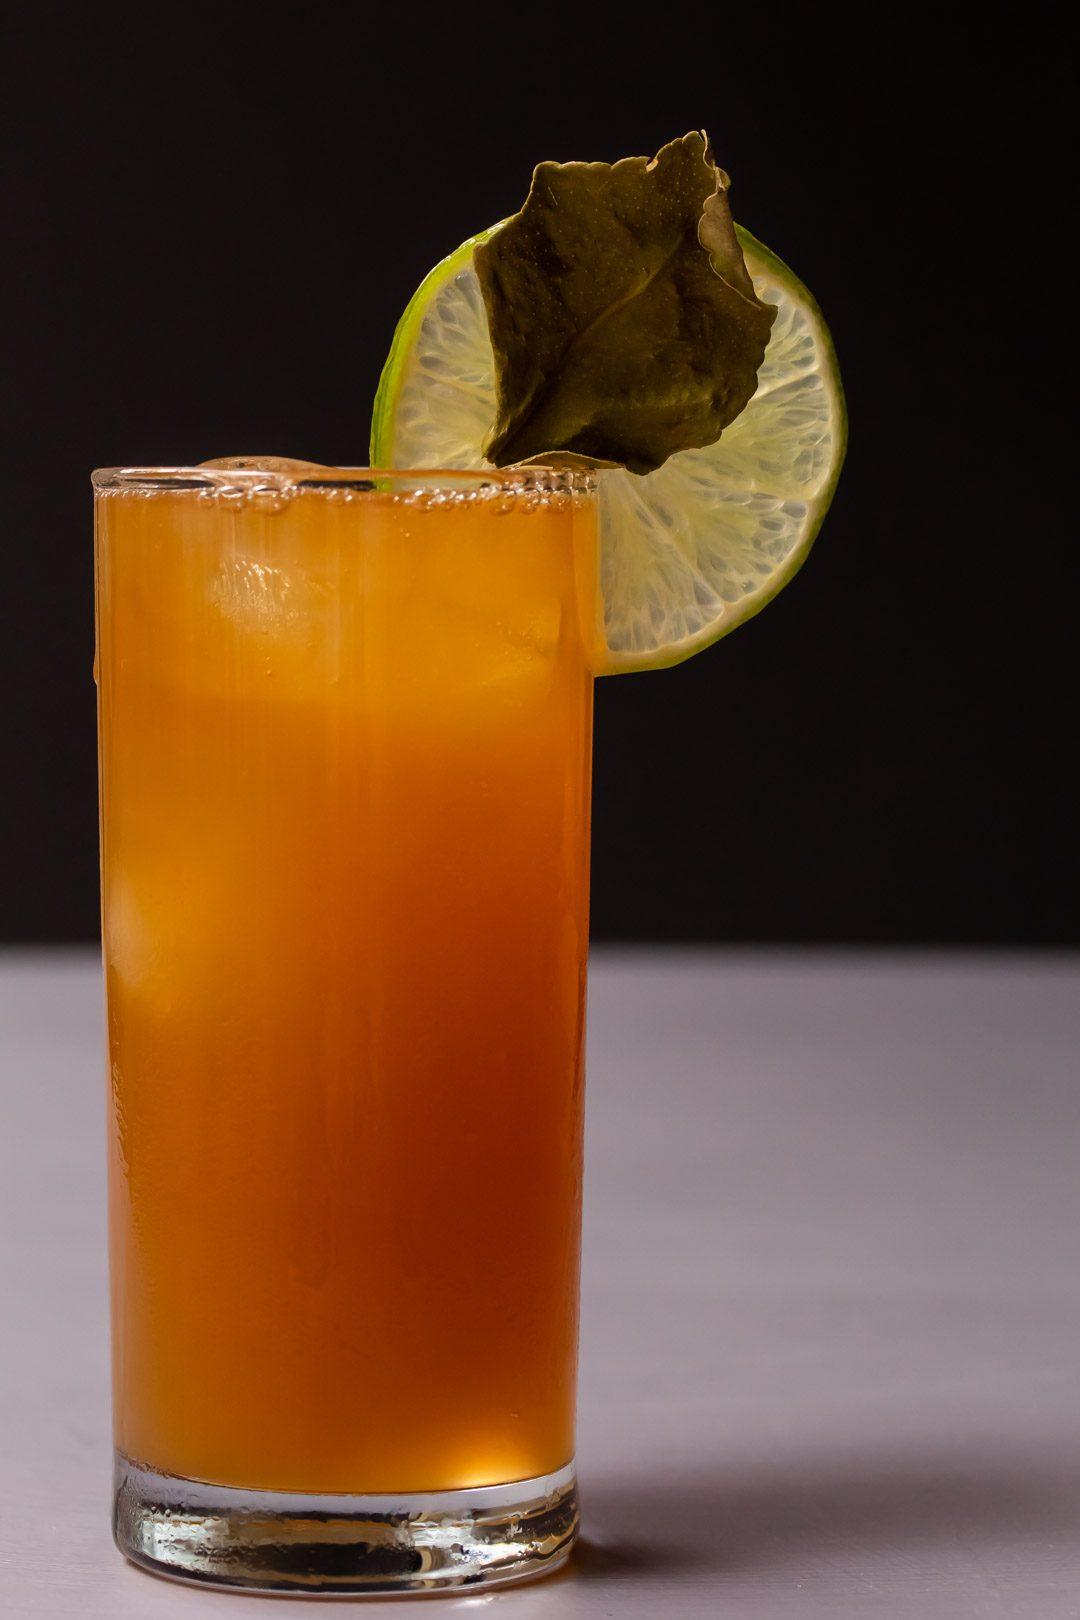 lime lightening dark 'n stormy full glass